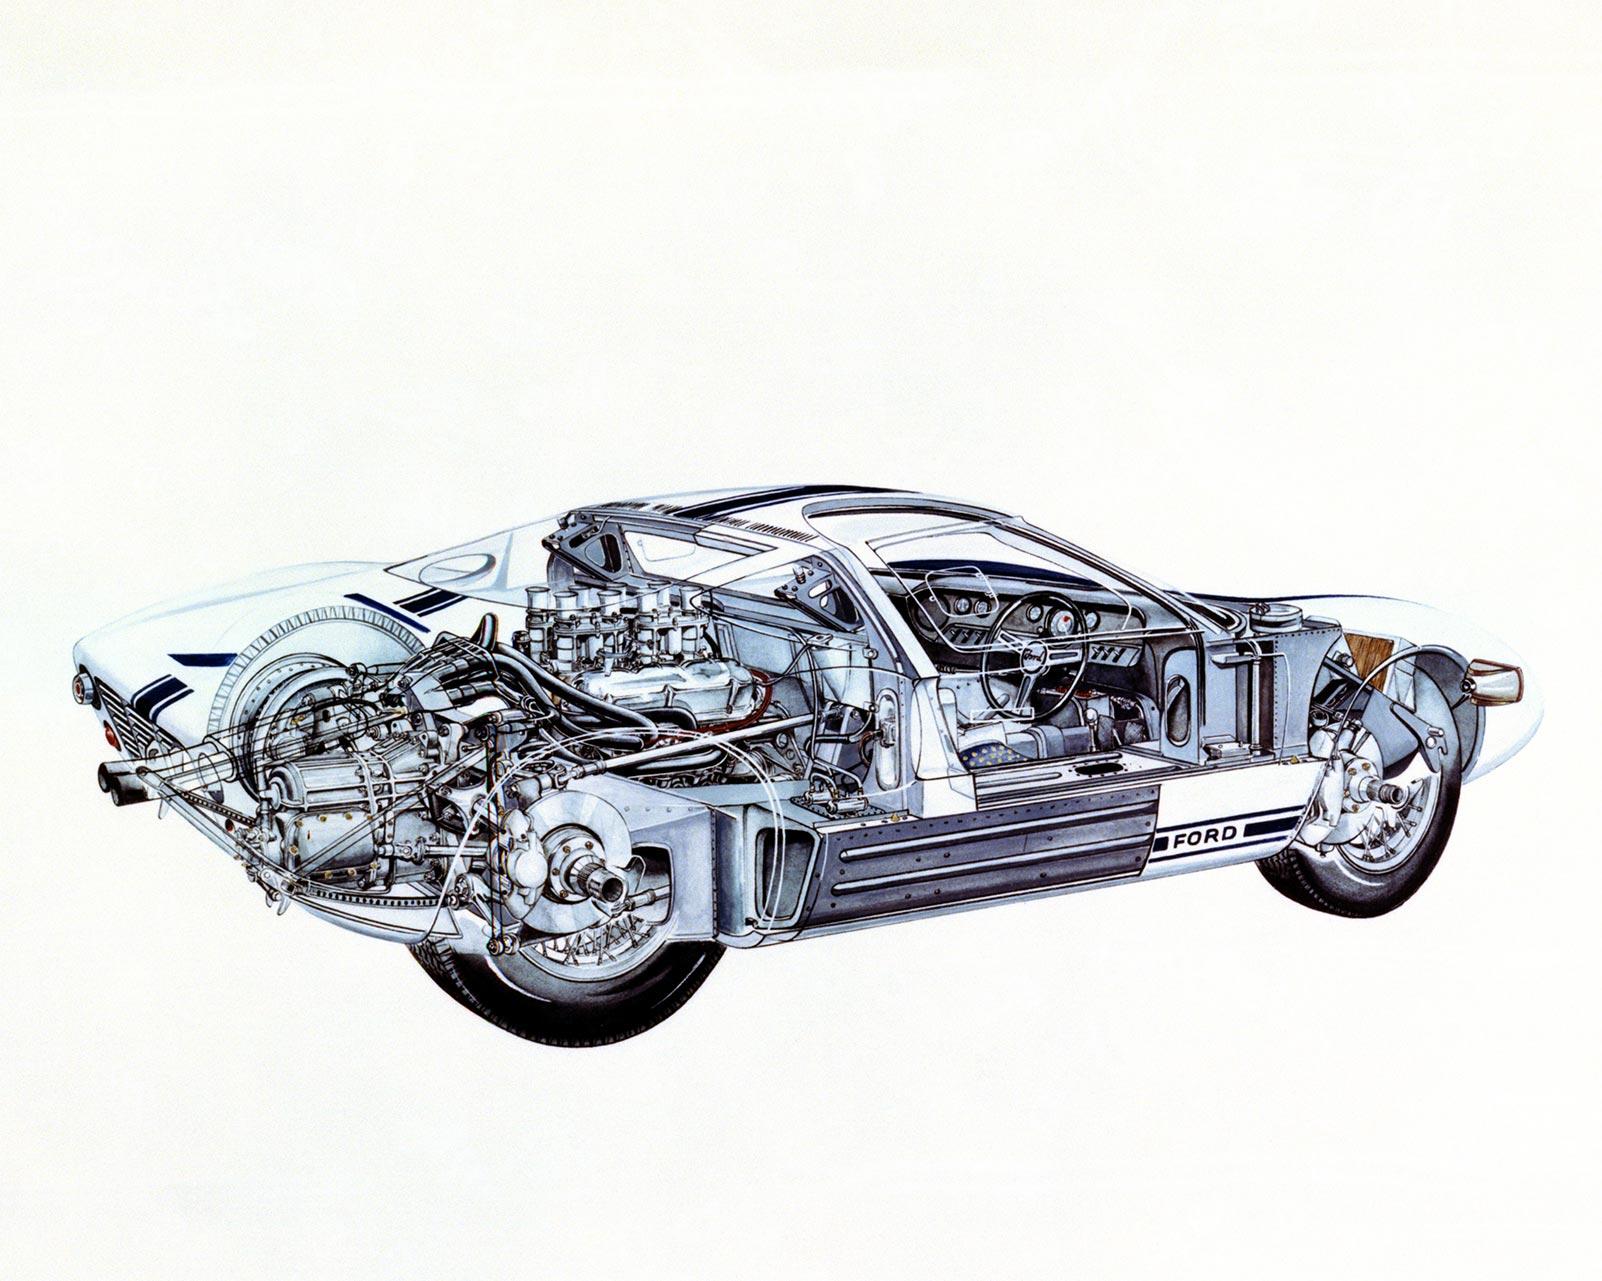 Ford GT cutaway